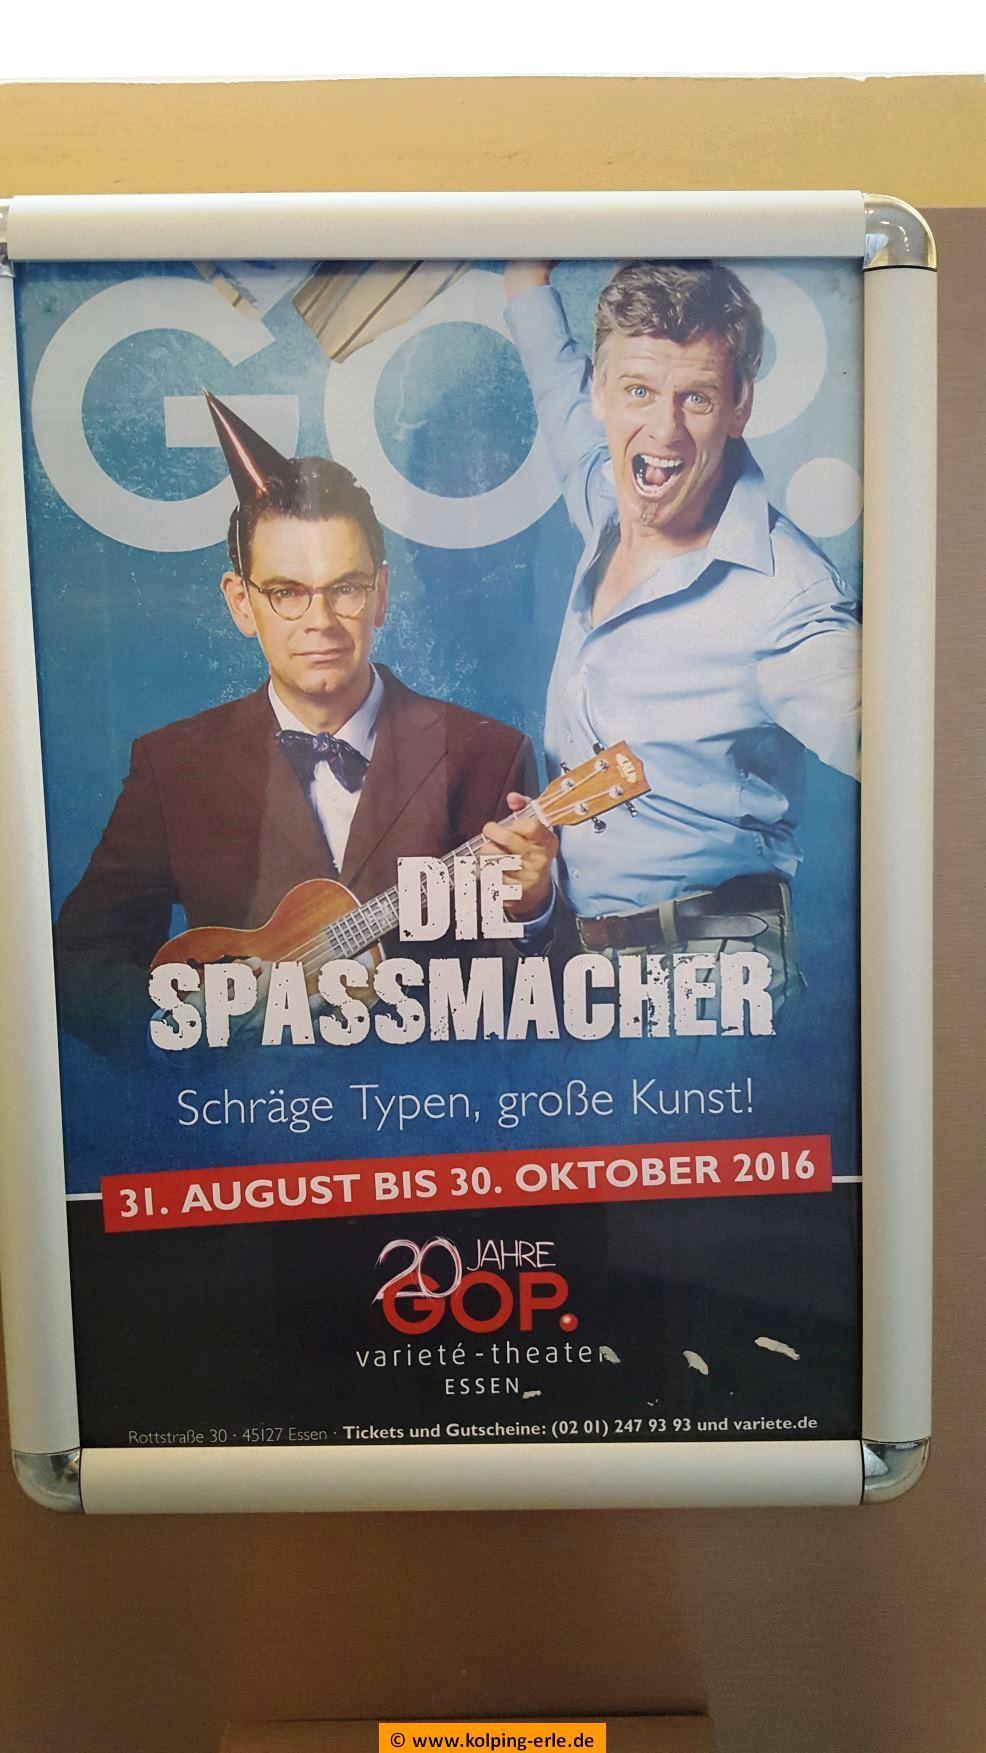 Das Plakat zur Show